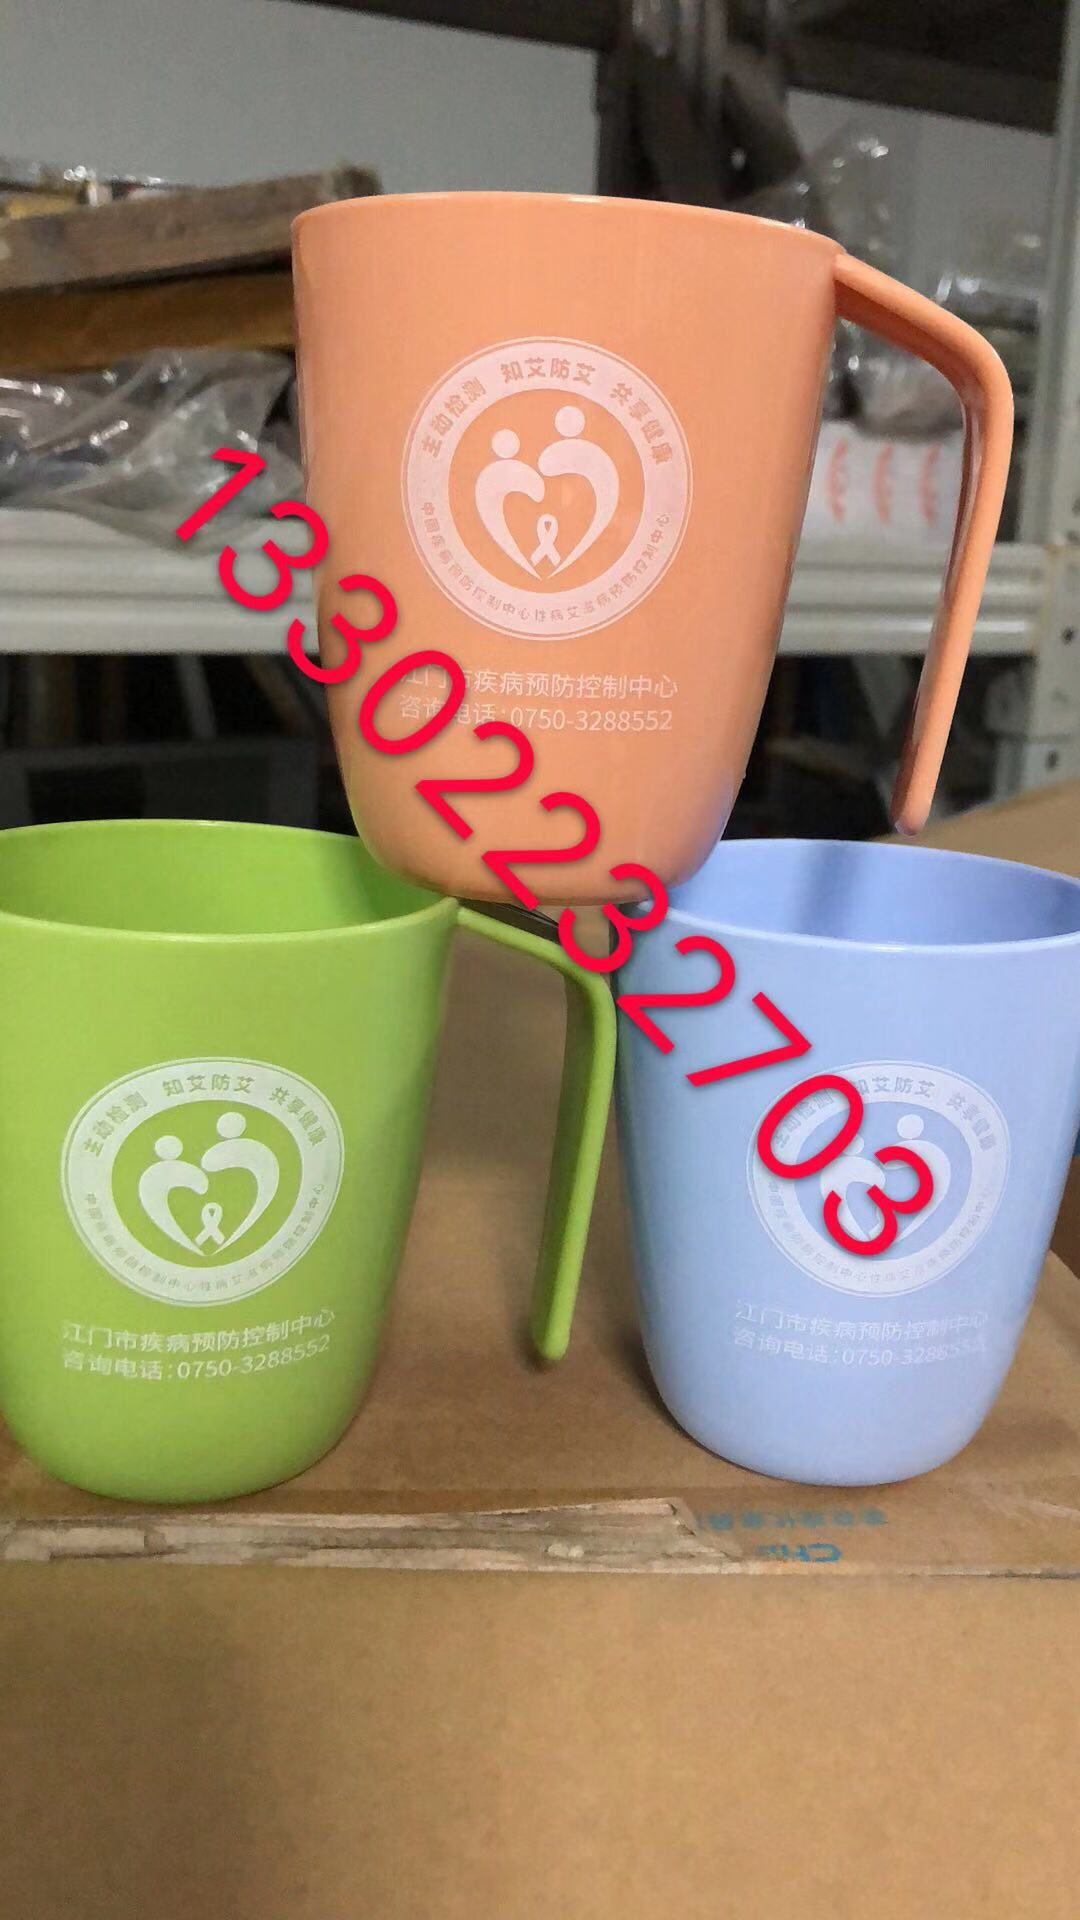 实惠的塑料杯丝印漱口杯丝印加工